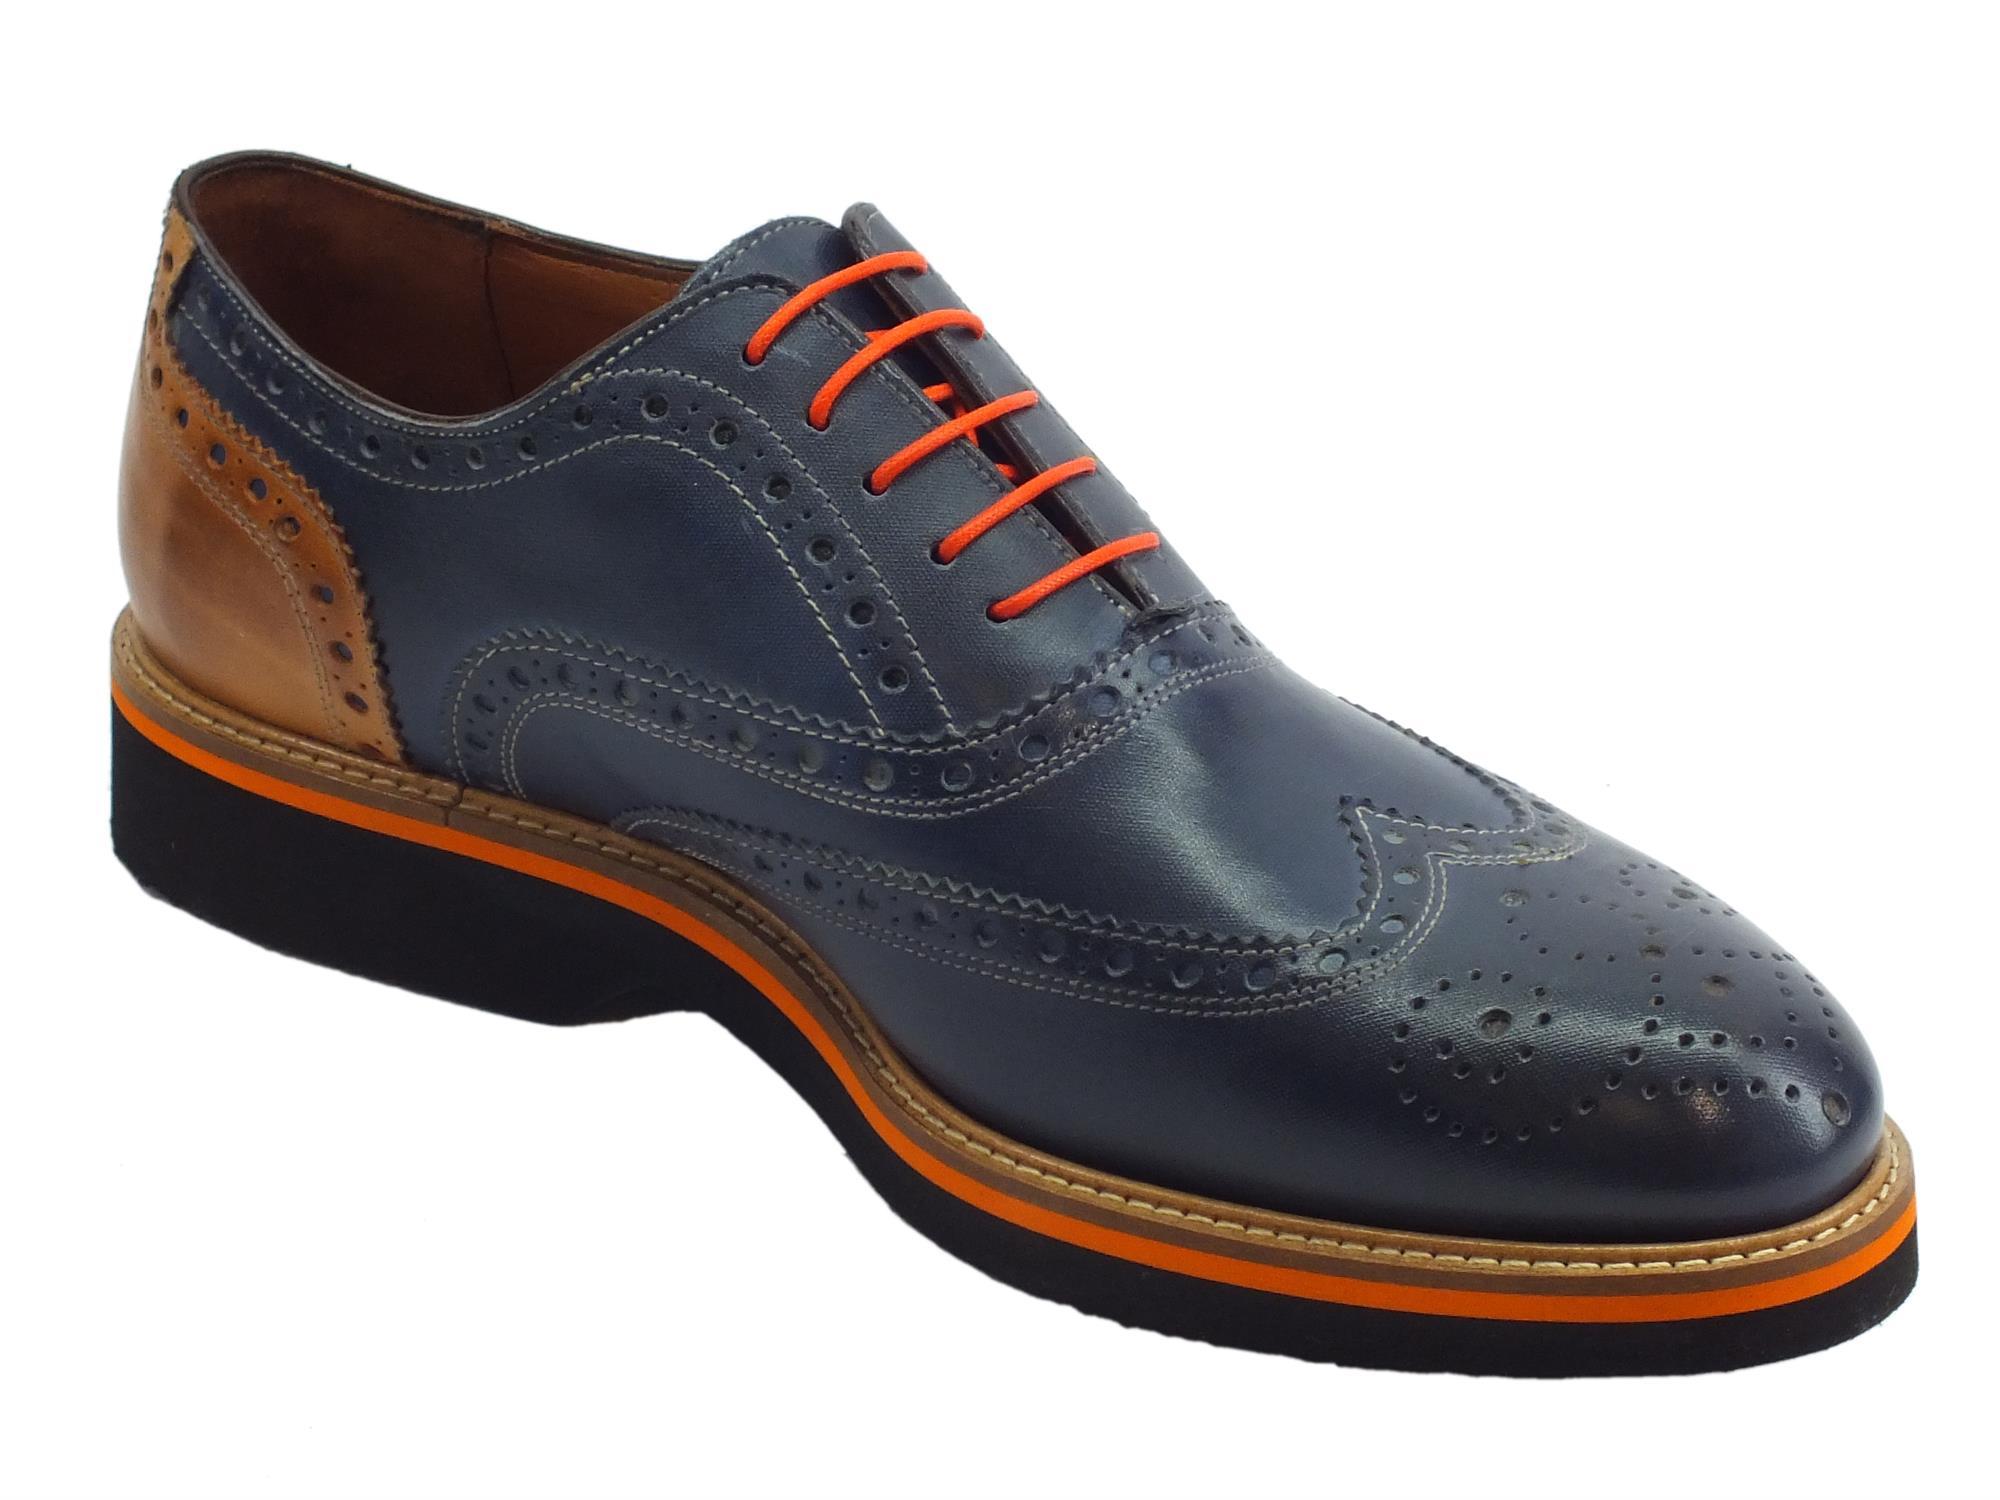 dcfe2c7509f6e ... Scarpe eleganti per uomo Mercanti Fiorentini in pelle blu e marrone ...